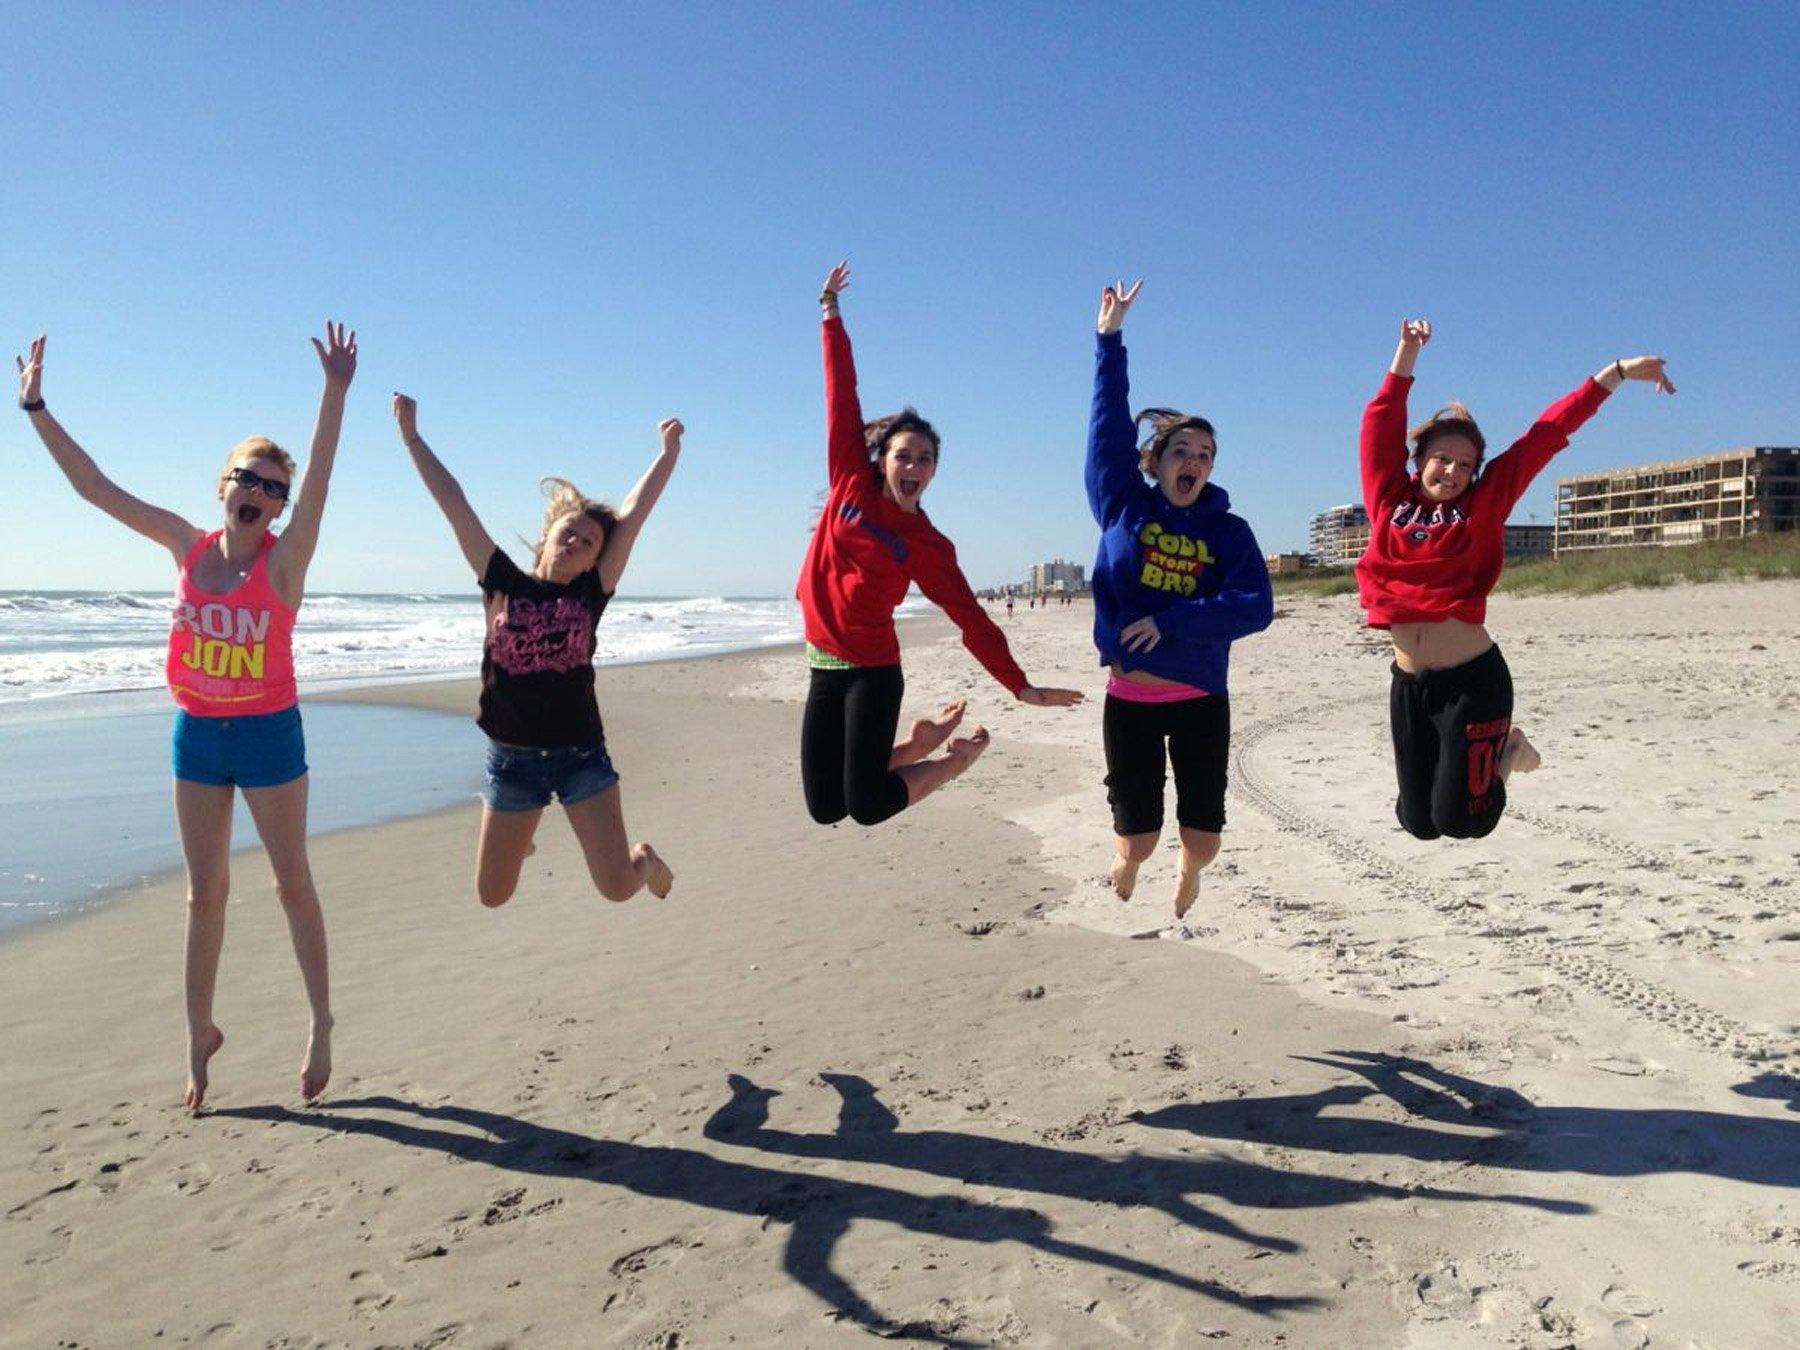 Jeunes filles sautant sur une plage en Floride